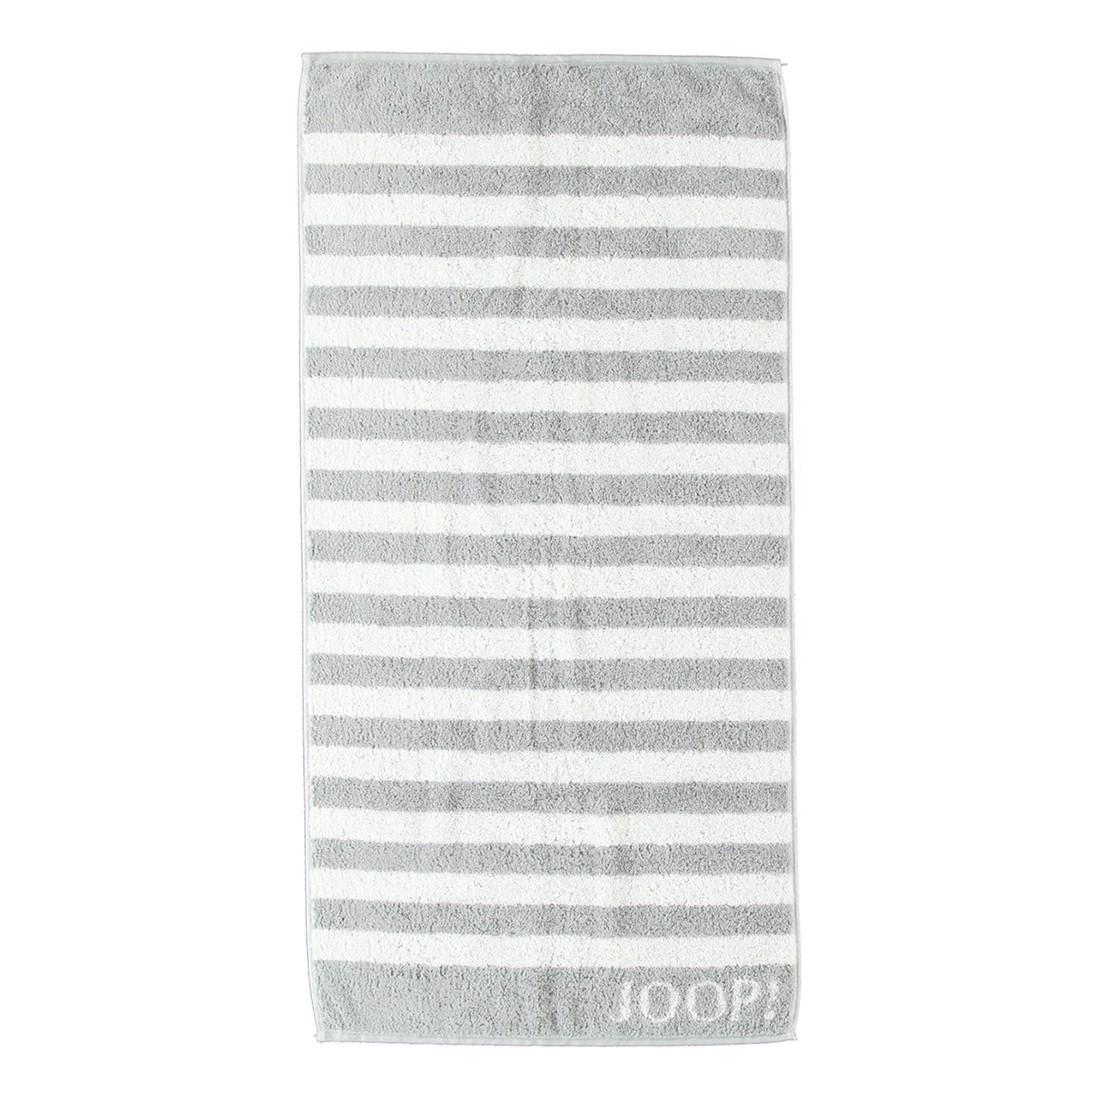 Handtuch Classic Stripes – 100% Baumwolle Silber – 76 – Handtuch: 50 x 100 cm, Joop günstig kaufen